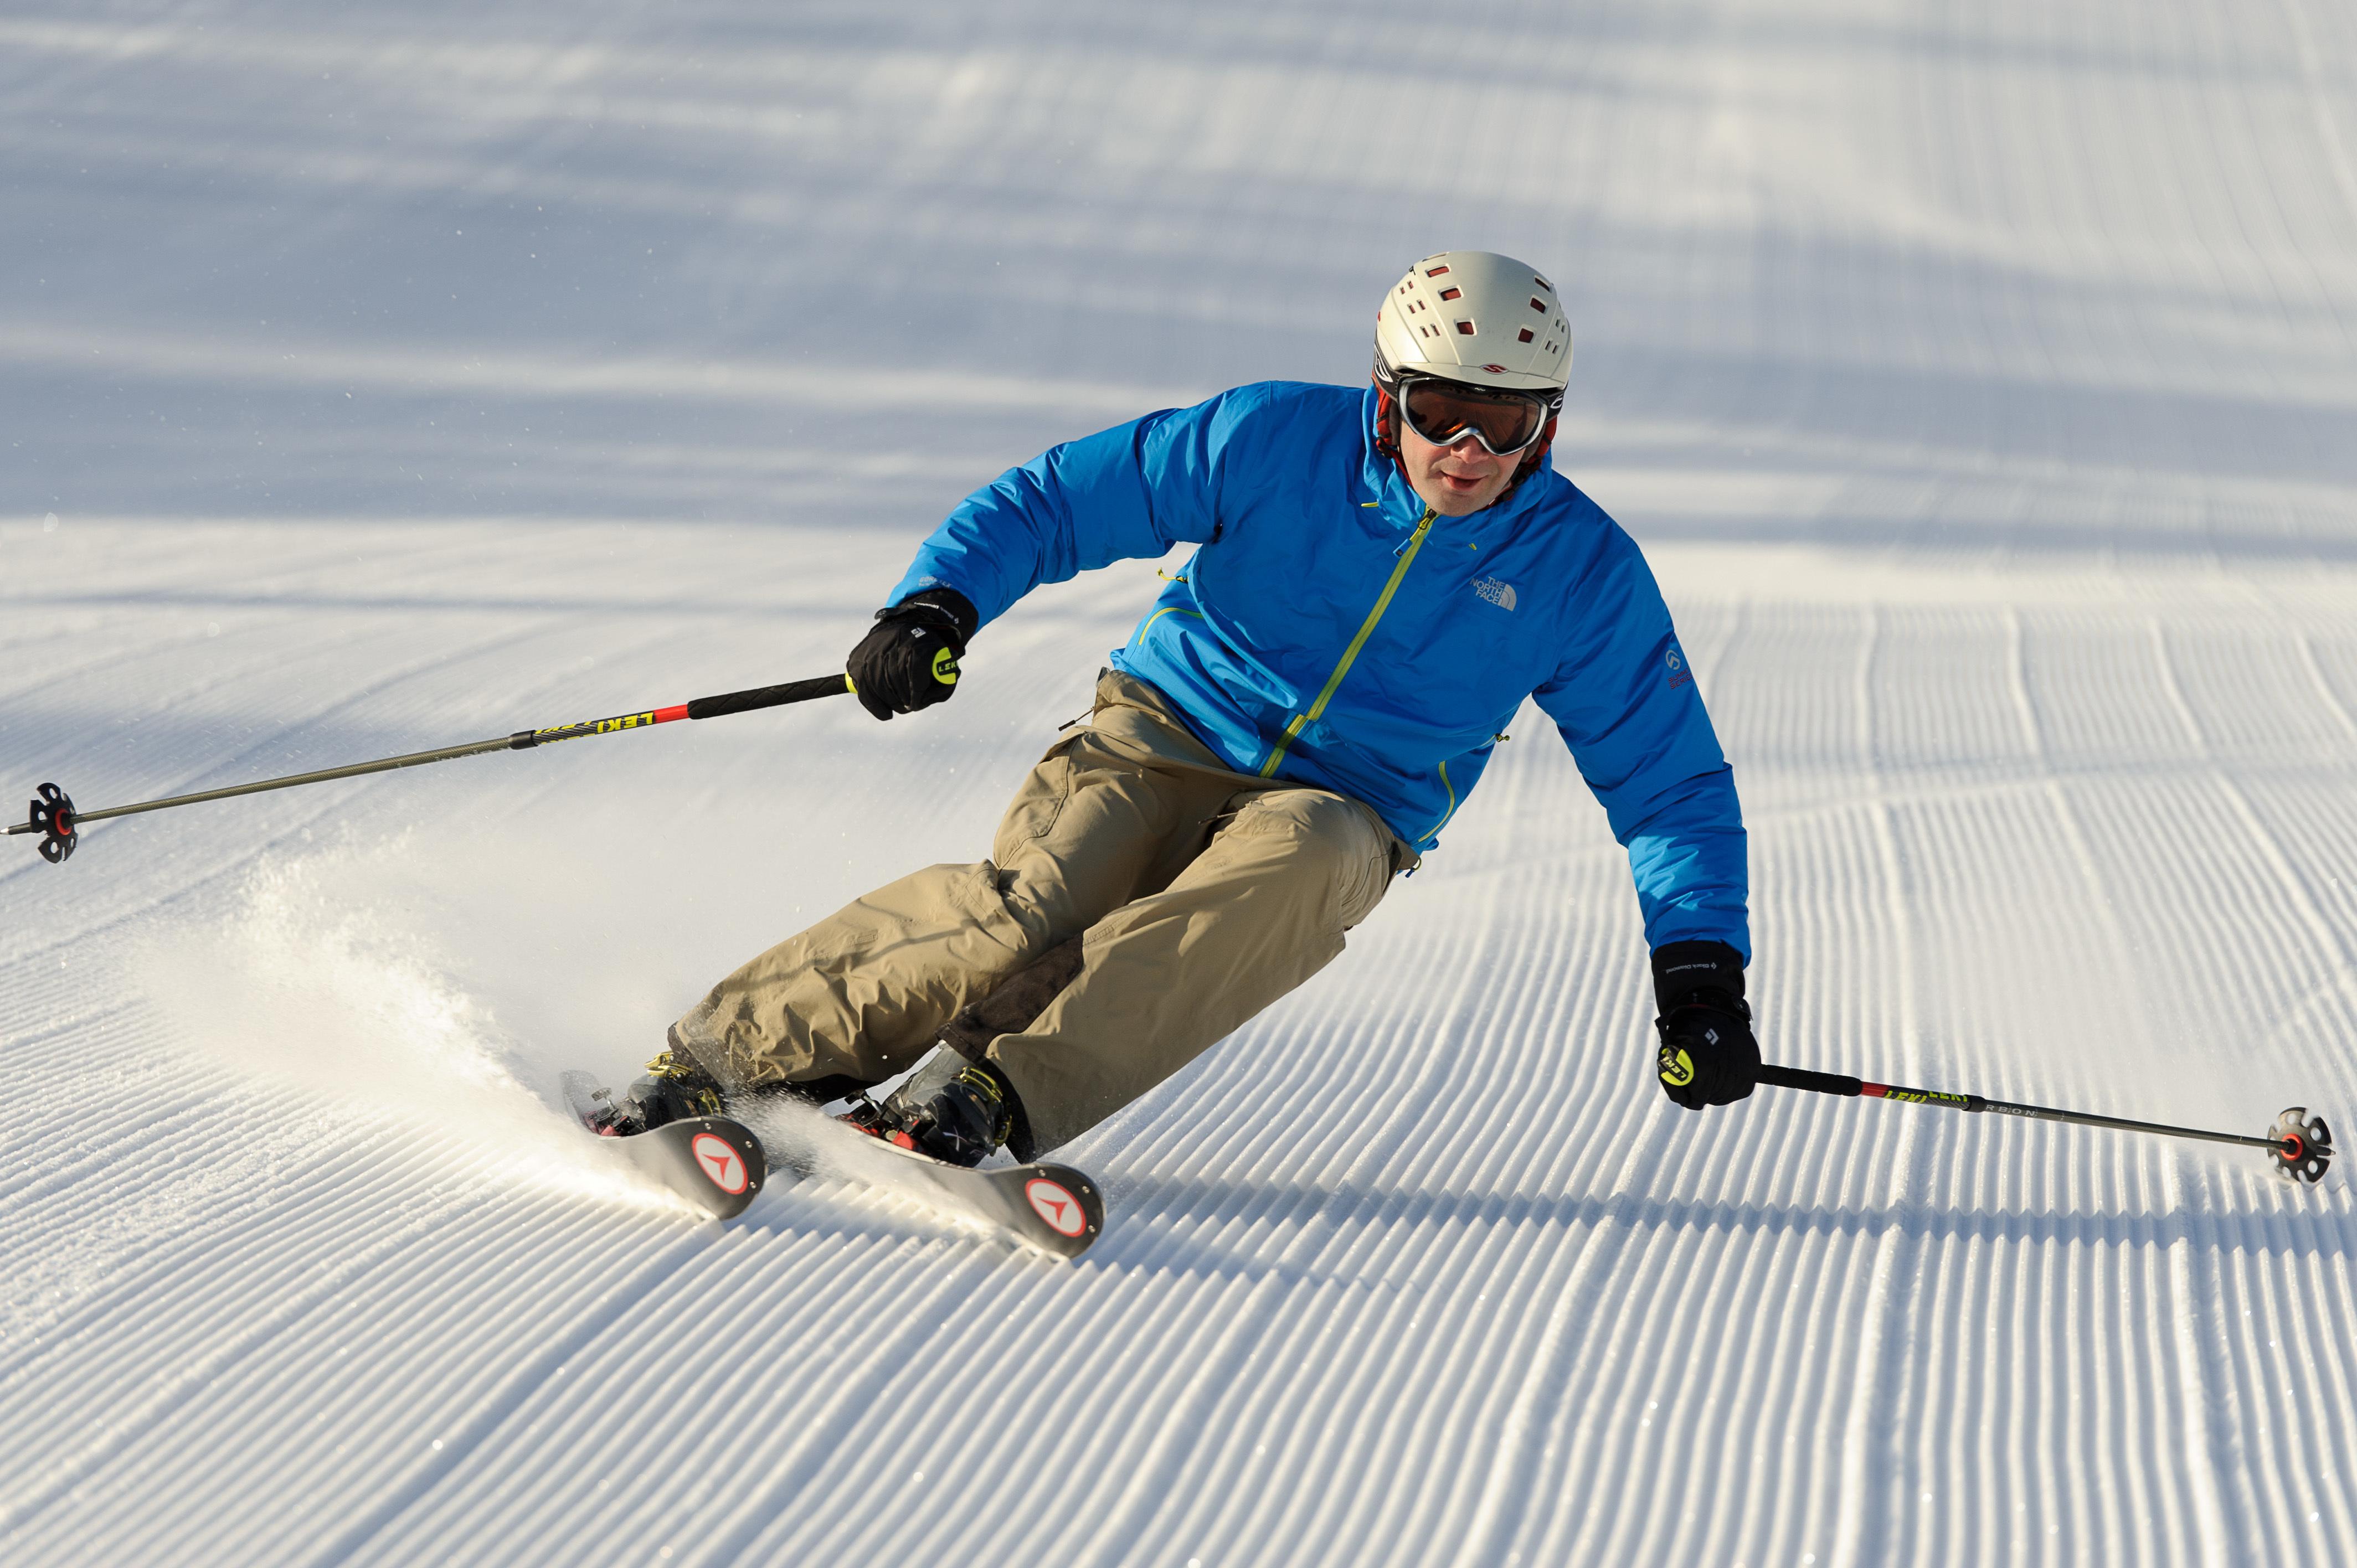 предпочитаю как выглядят горные лыжи фото самых ярких